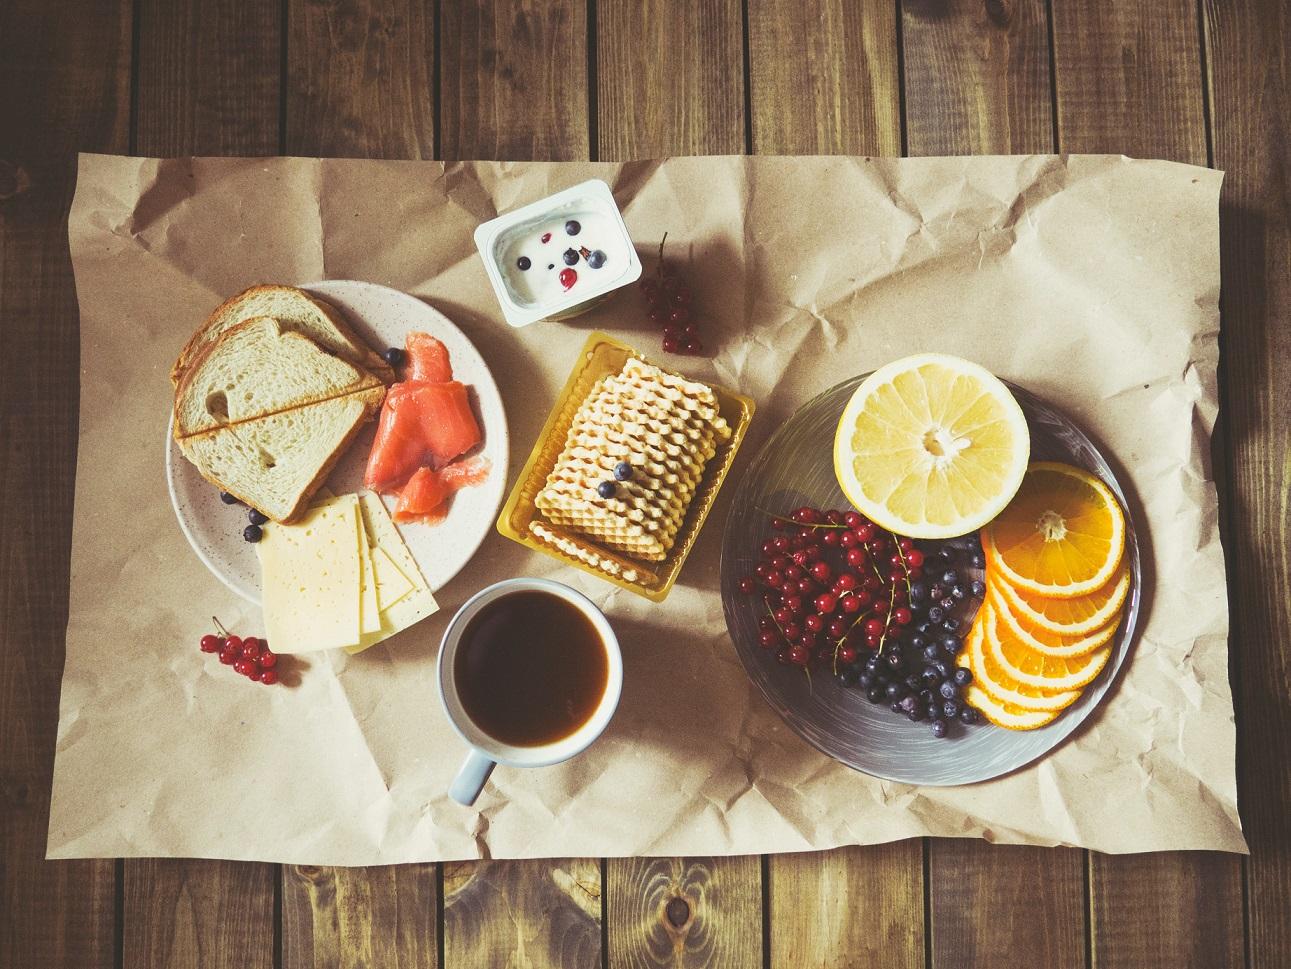 Vai tomar café da manhã antes da corrida? Veja o que não pode faltar - Foto: Unsplash/Anastasia Zhenina